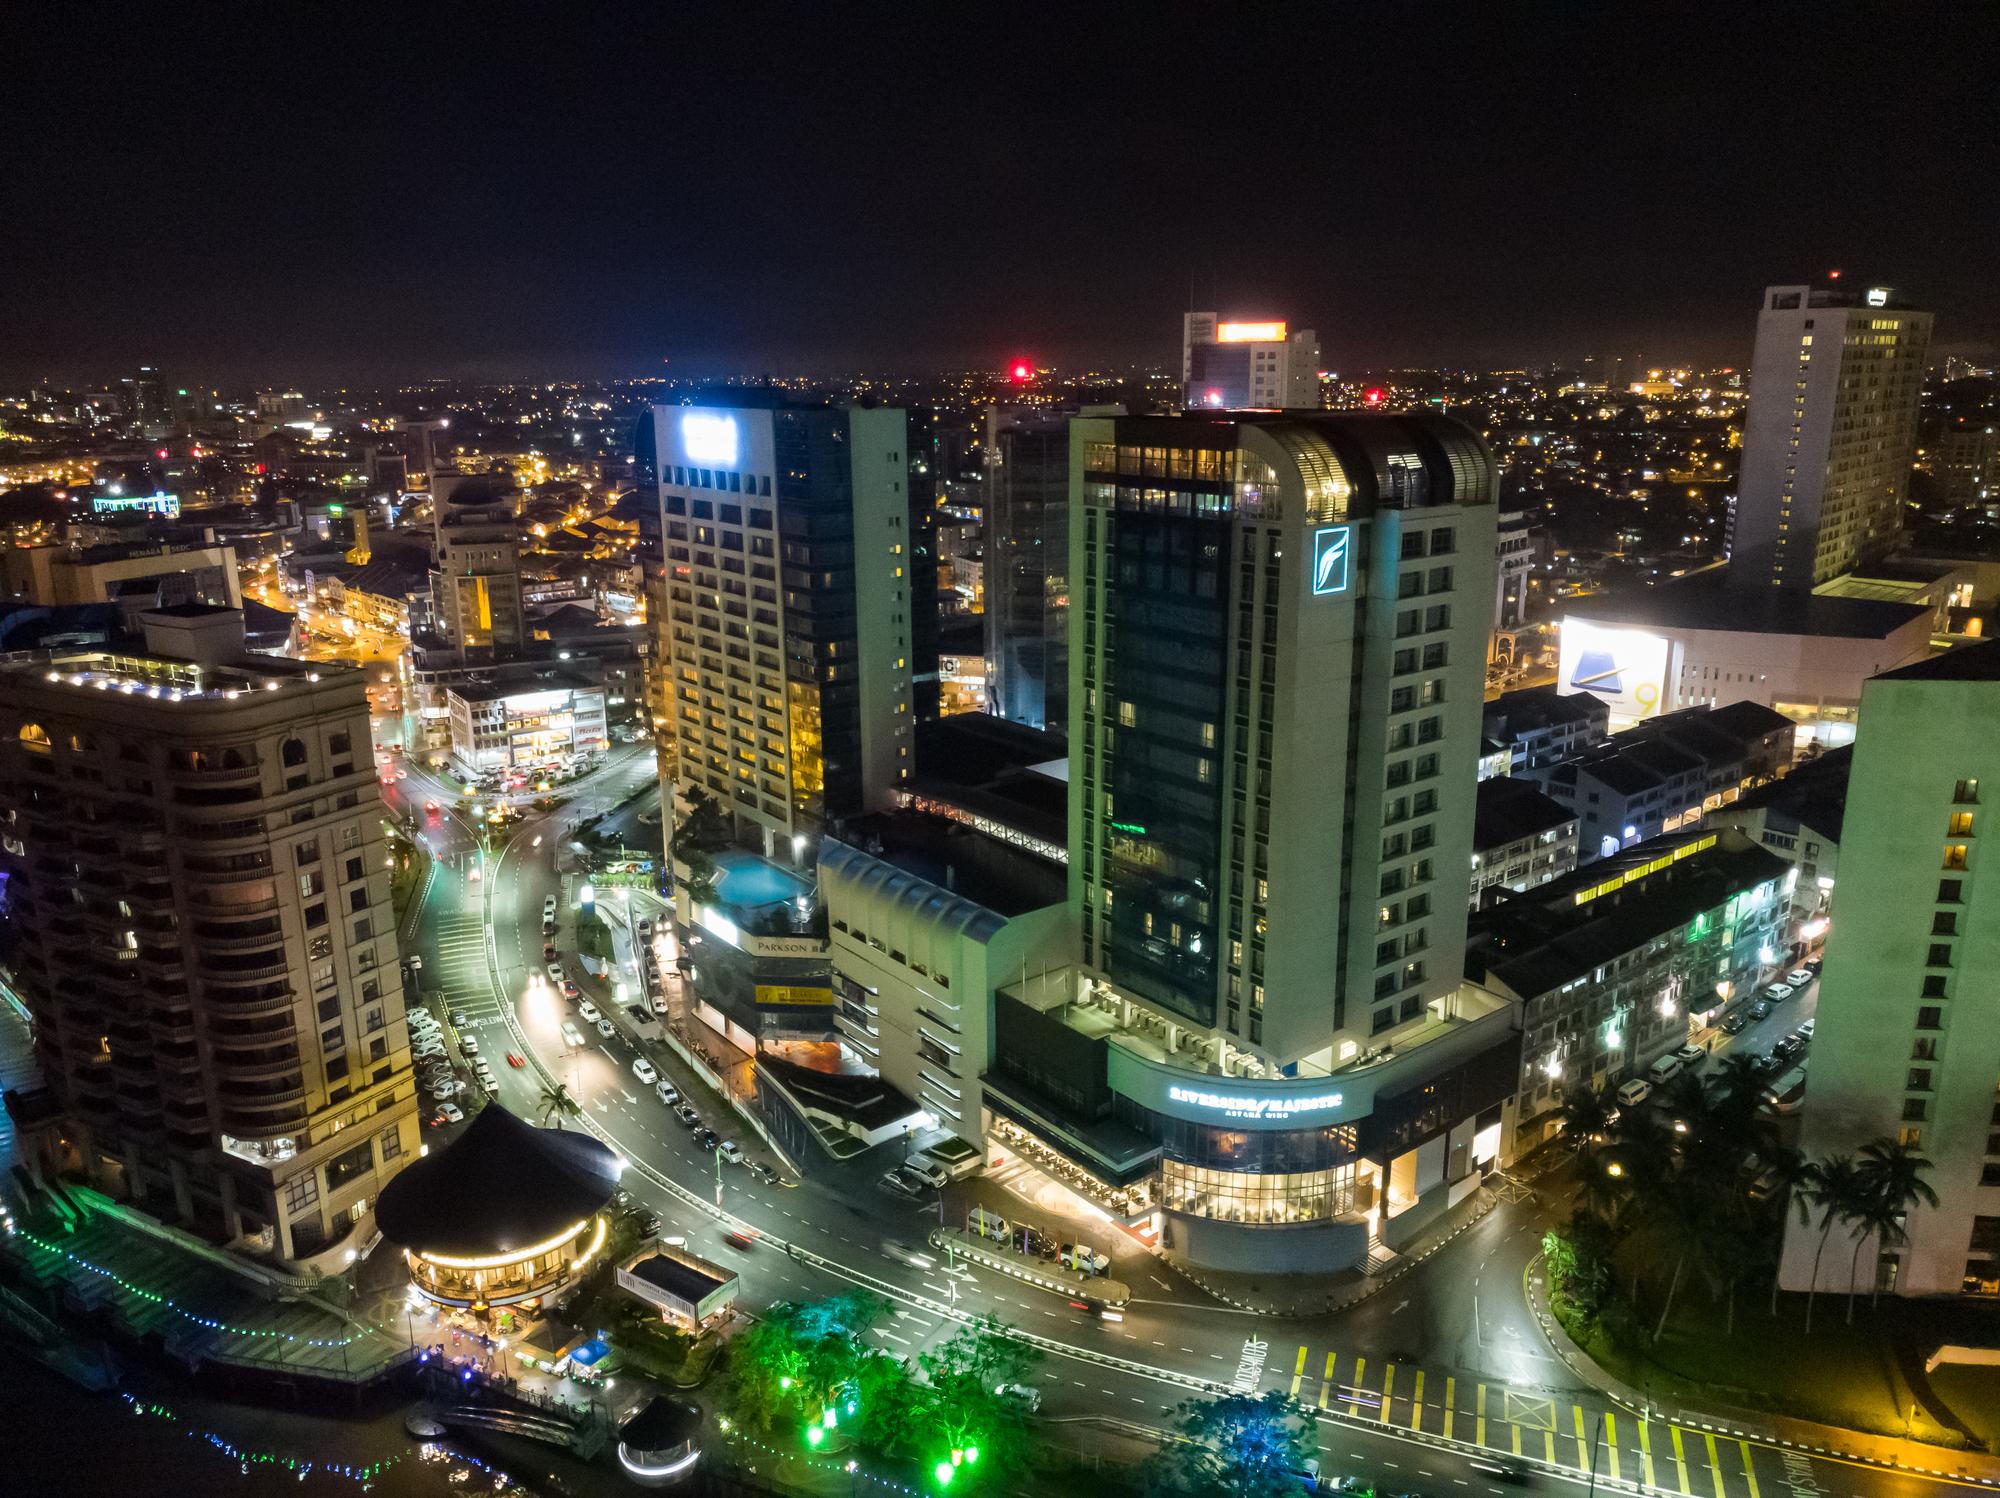 Kuching CIty aerial view